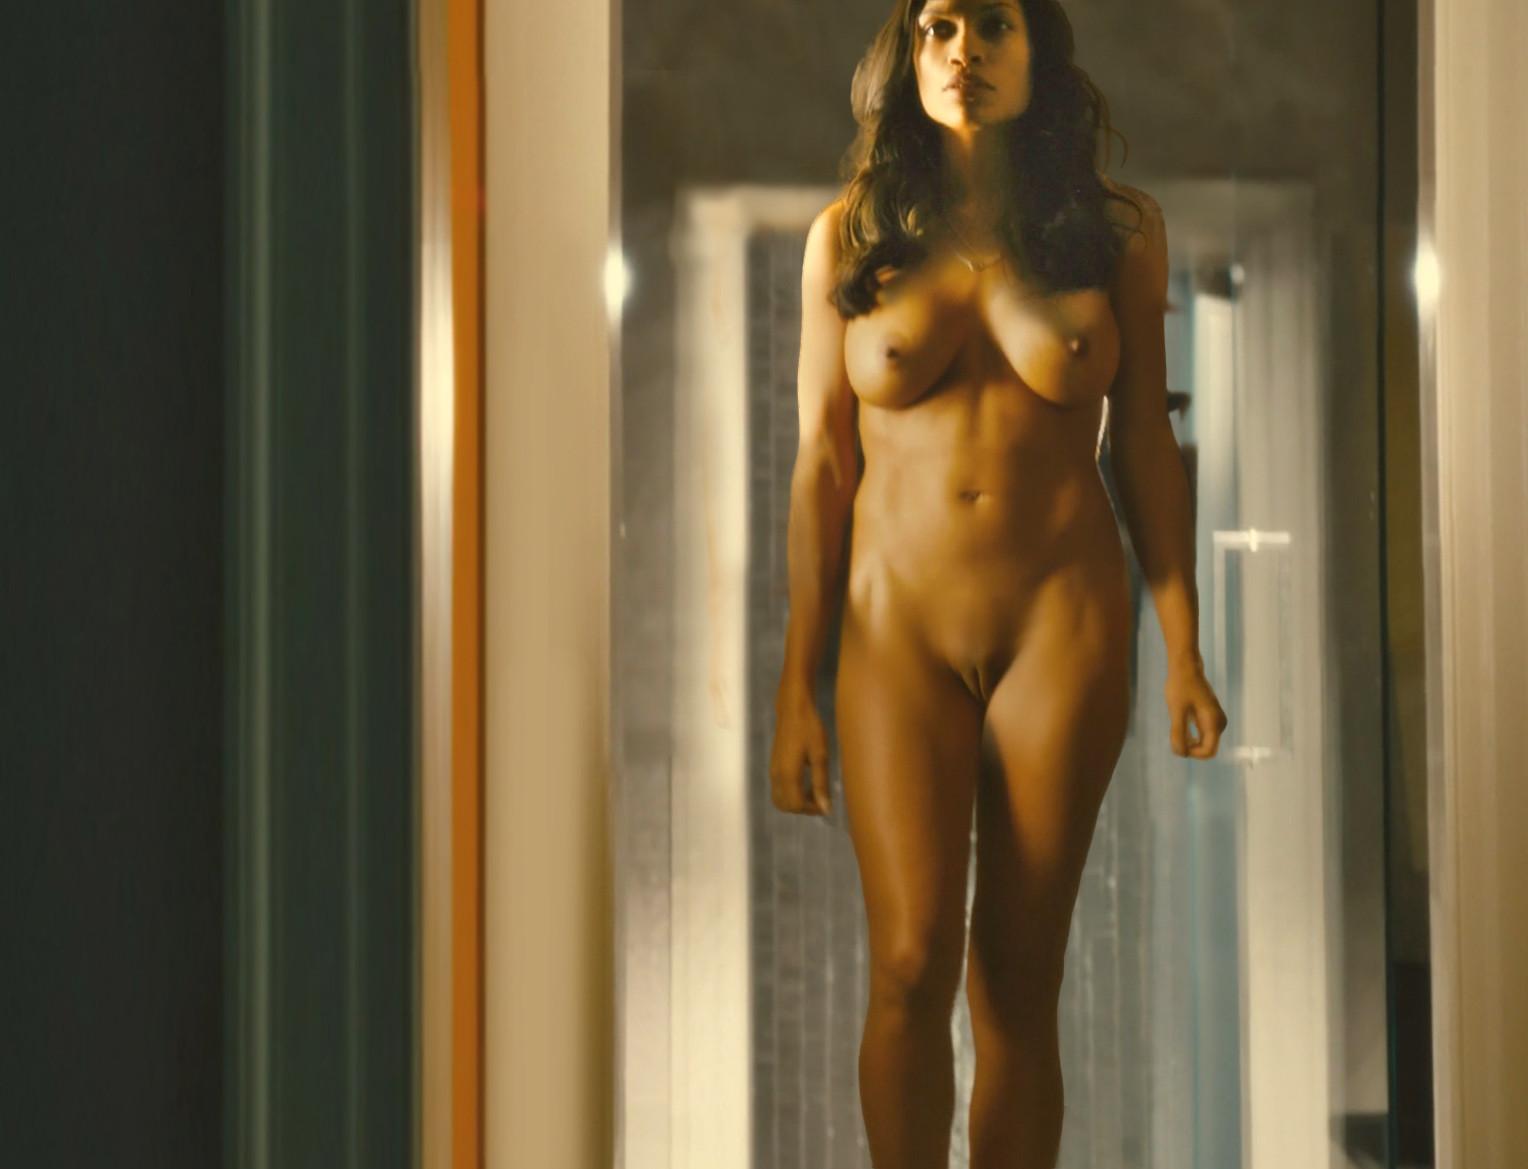 gabrielle dawson nude